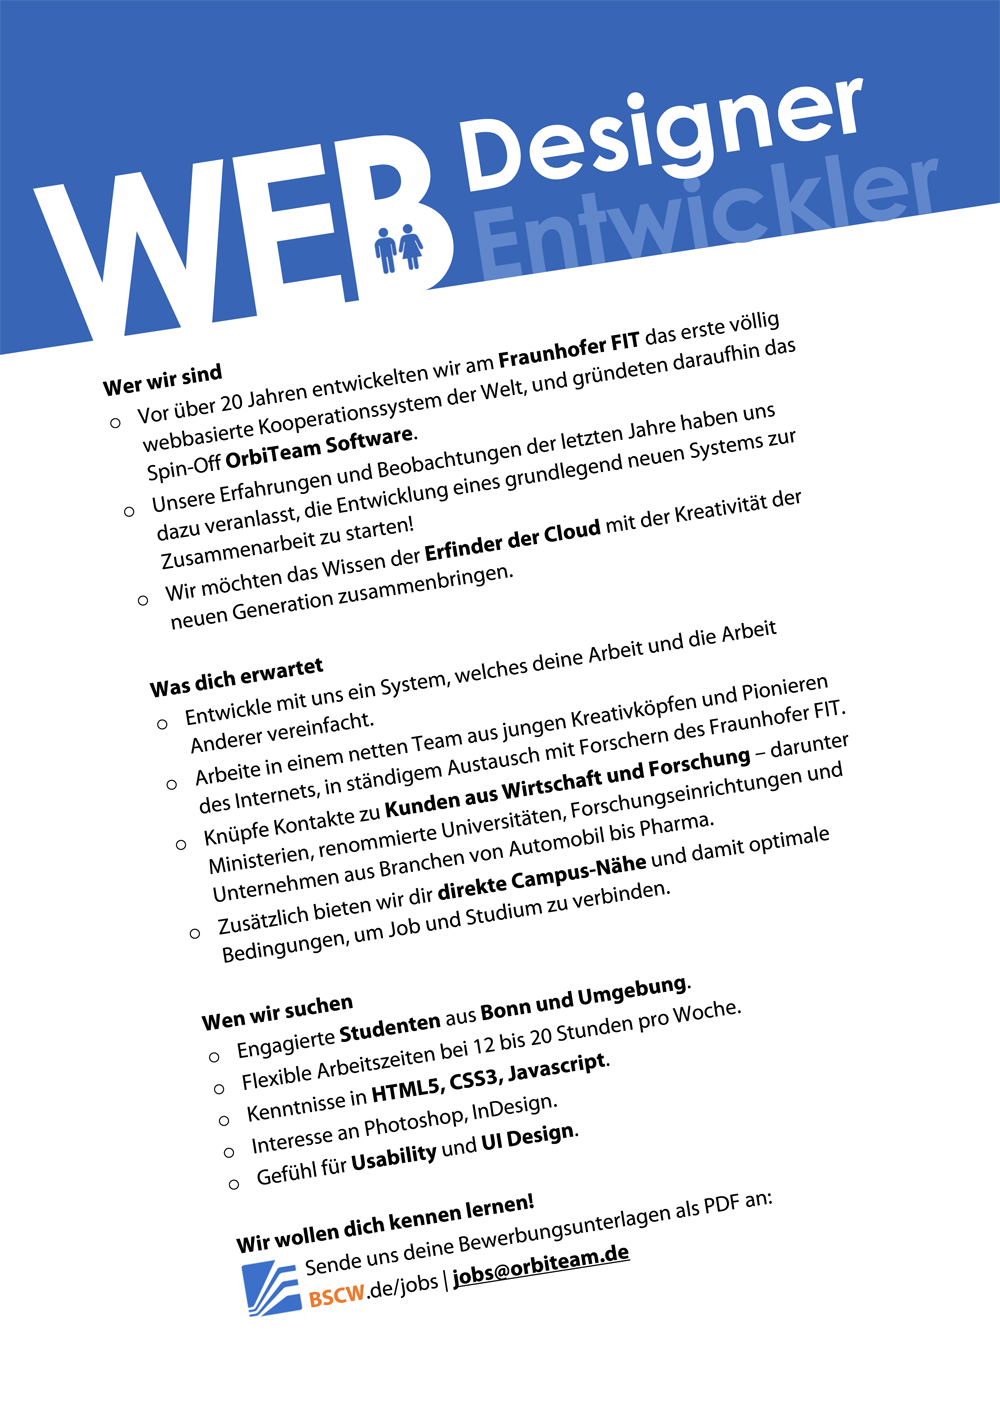 job_webdesigner.png